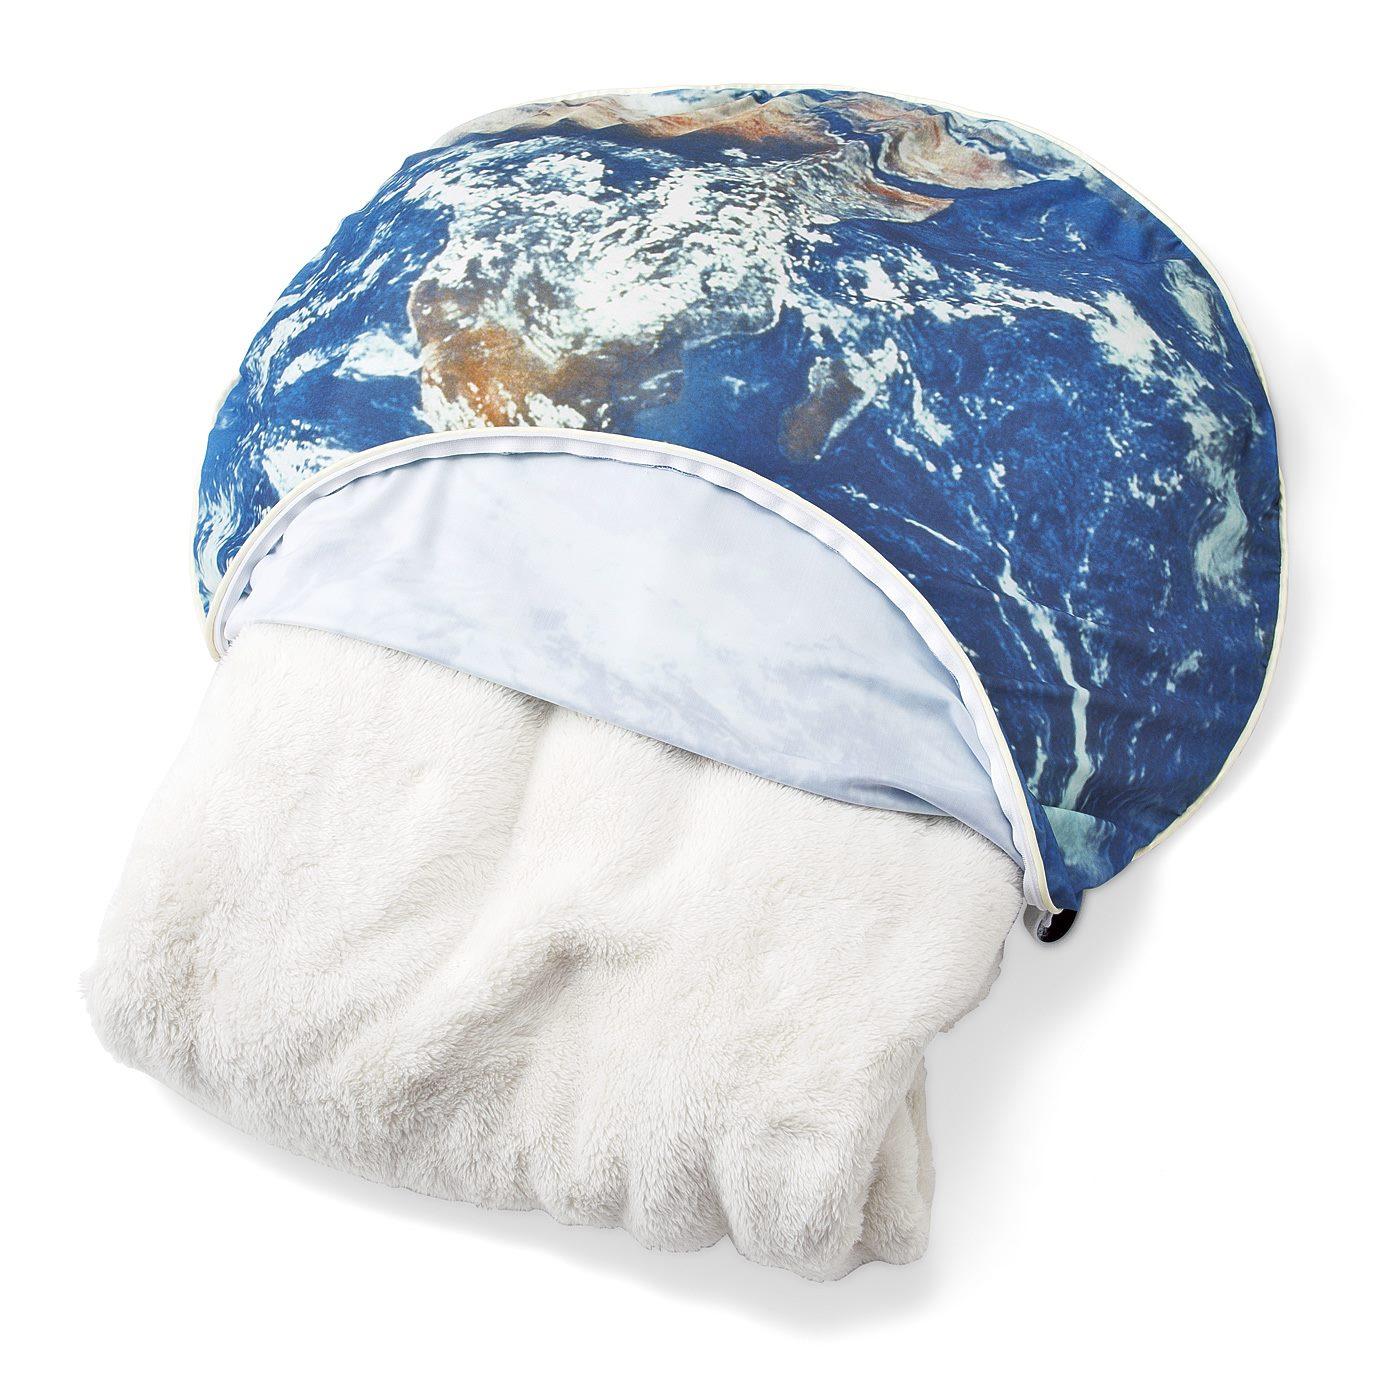 厚手のシングル毛布が1枚入ります。